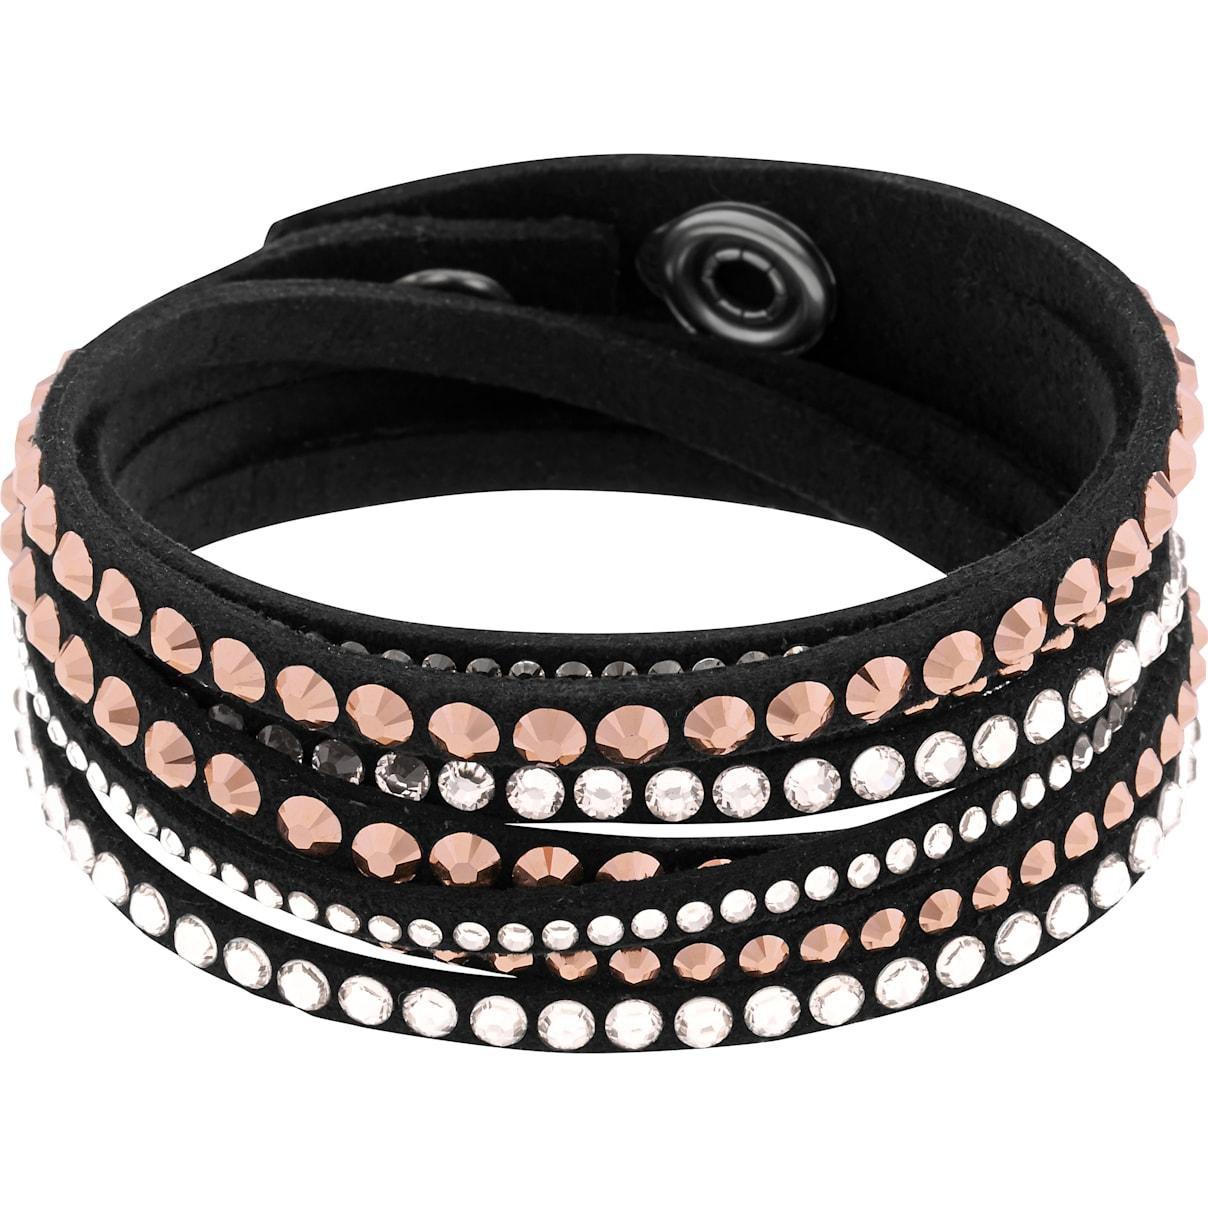 Swarovski Slake Deluxe Bracelet, Multi-colored